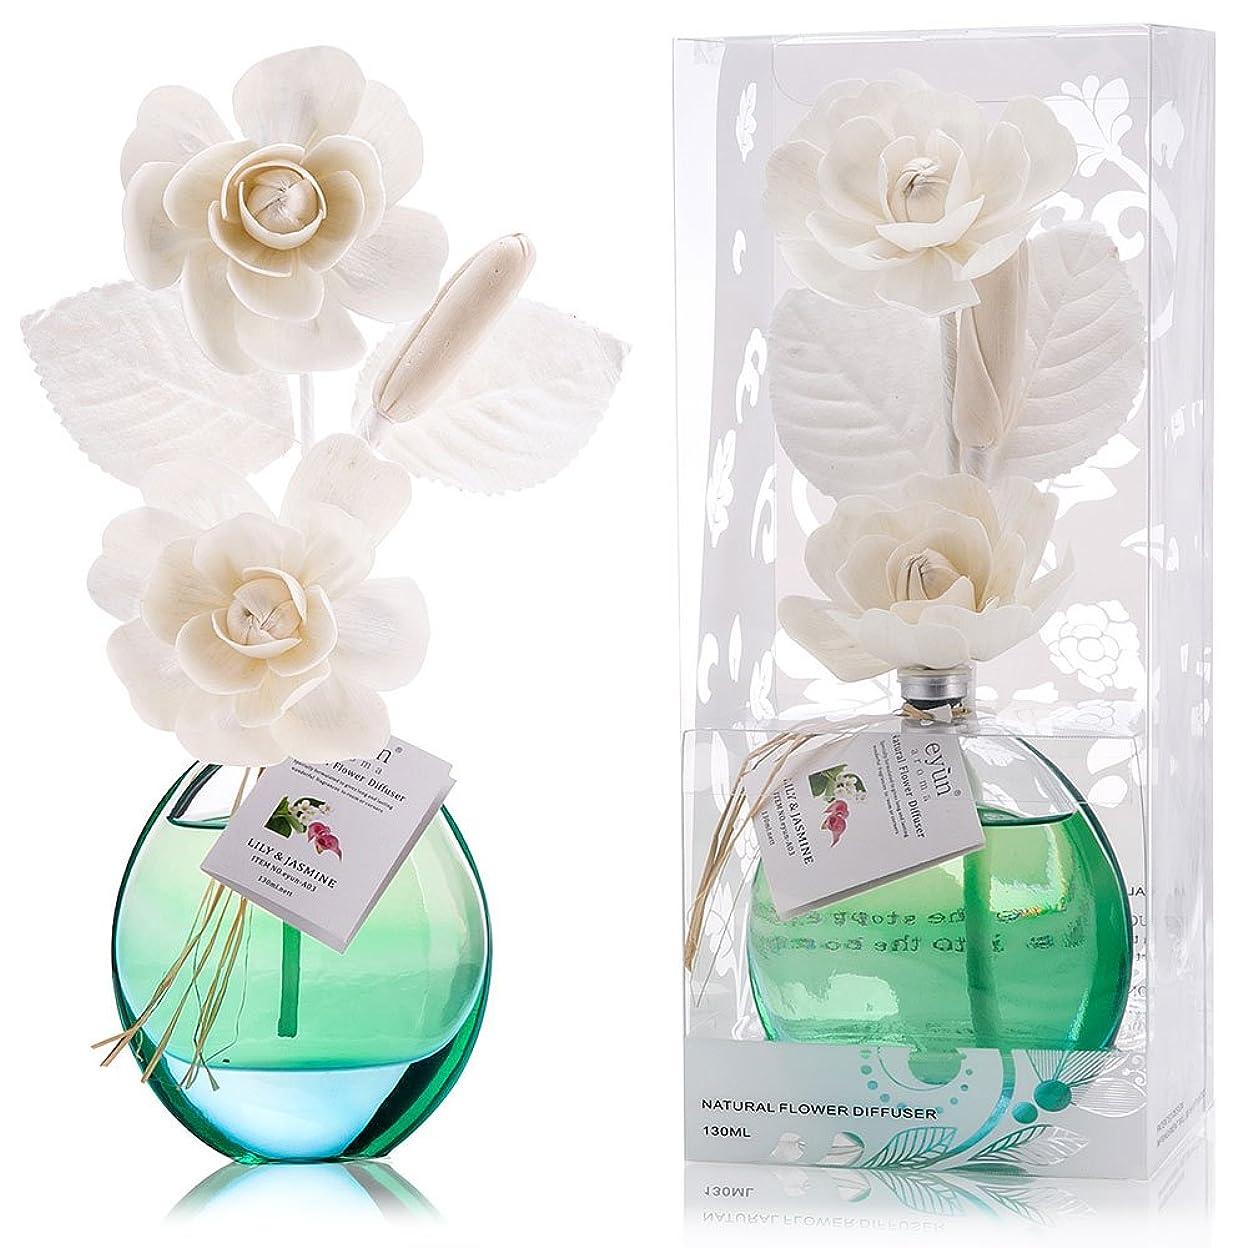 国民分析したがって誕生日 プレゼント に A03 ルームフレグランス (花瓶:水色, 香り:ユリ & ジャスミン)